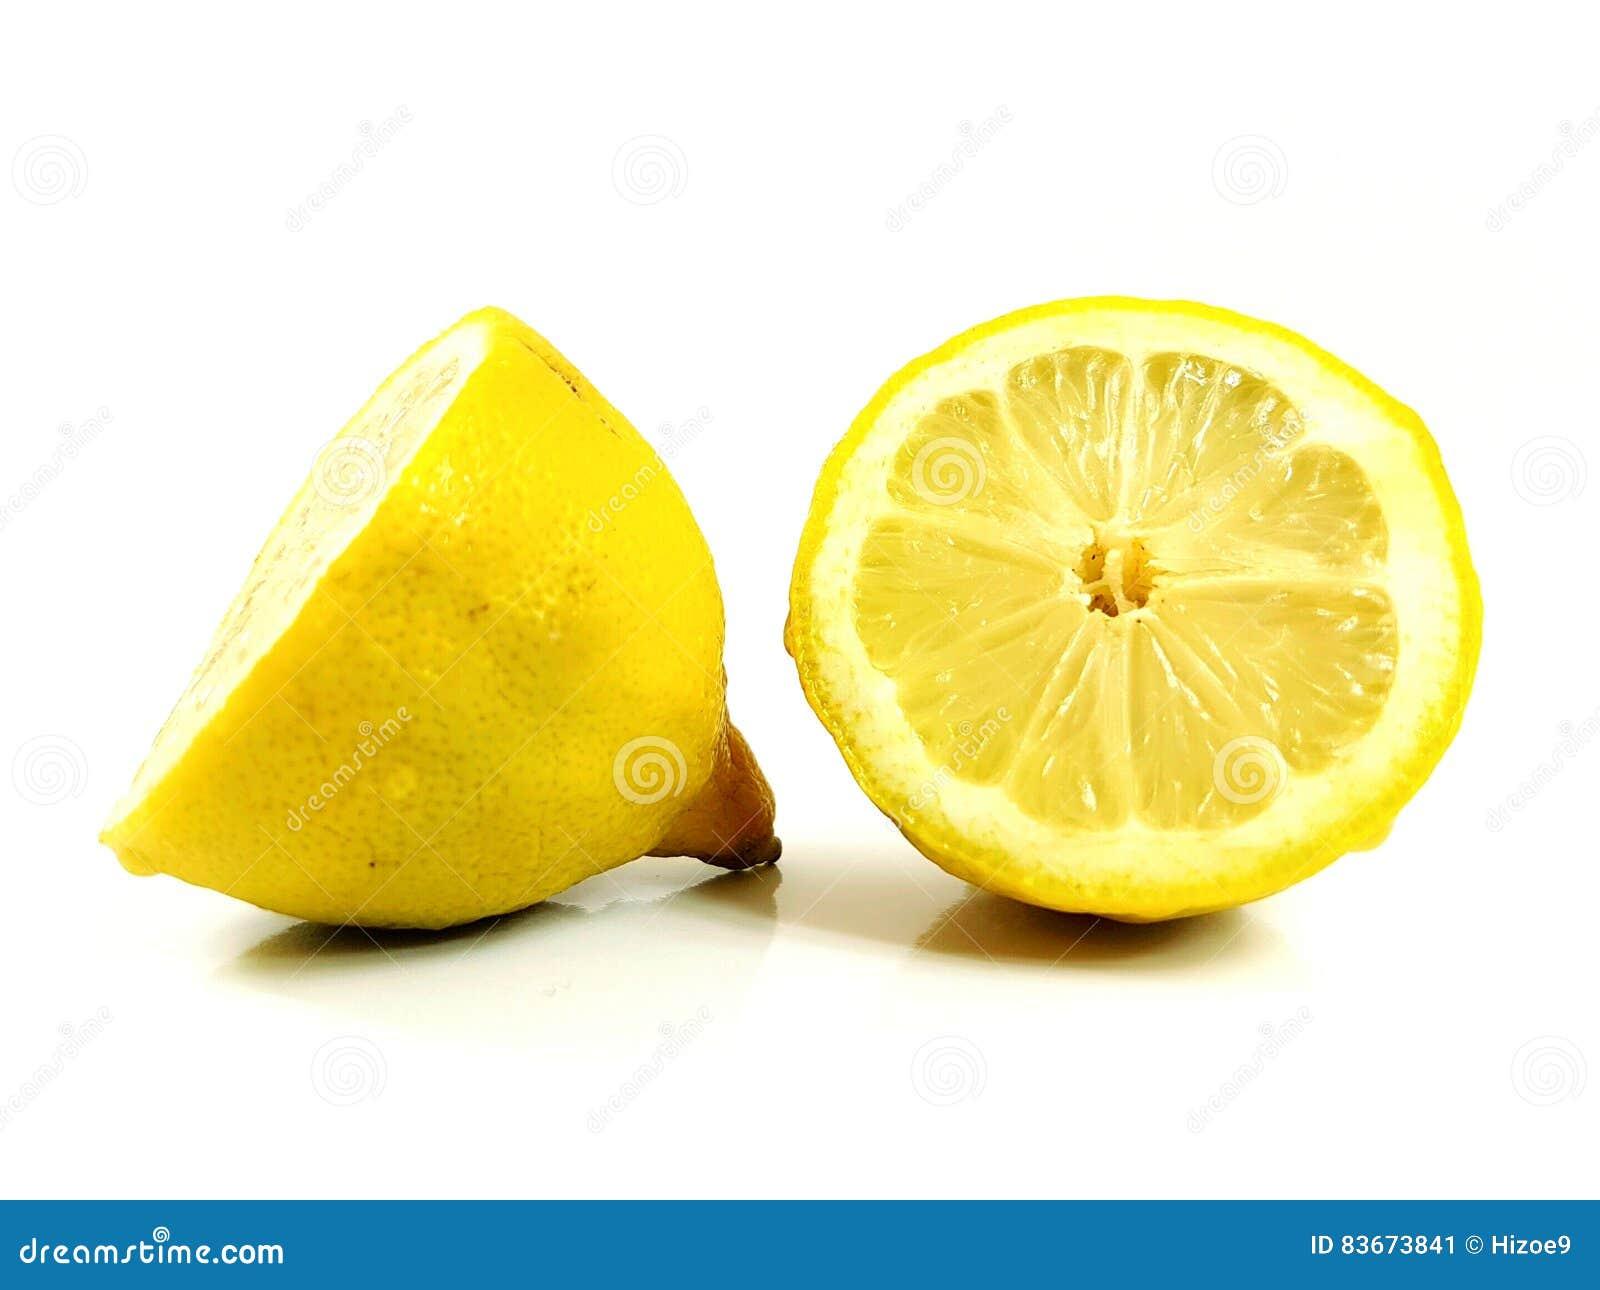 Il taglio di agrumi del limone ha tagliato il giallo a pezzi acido succoso fresco